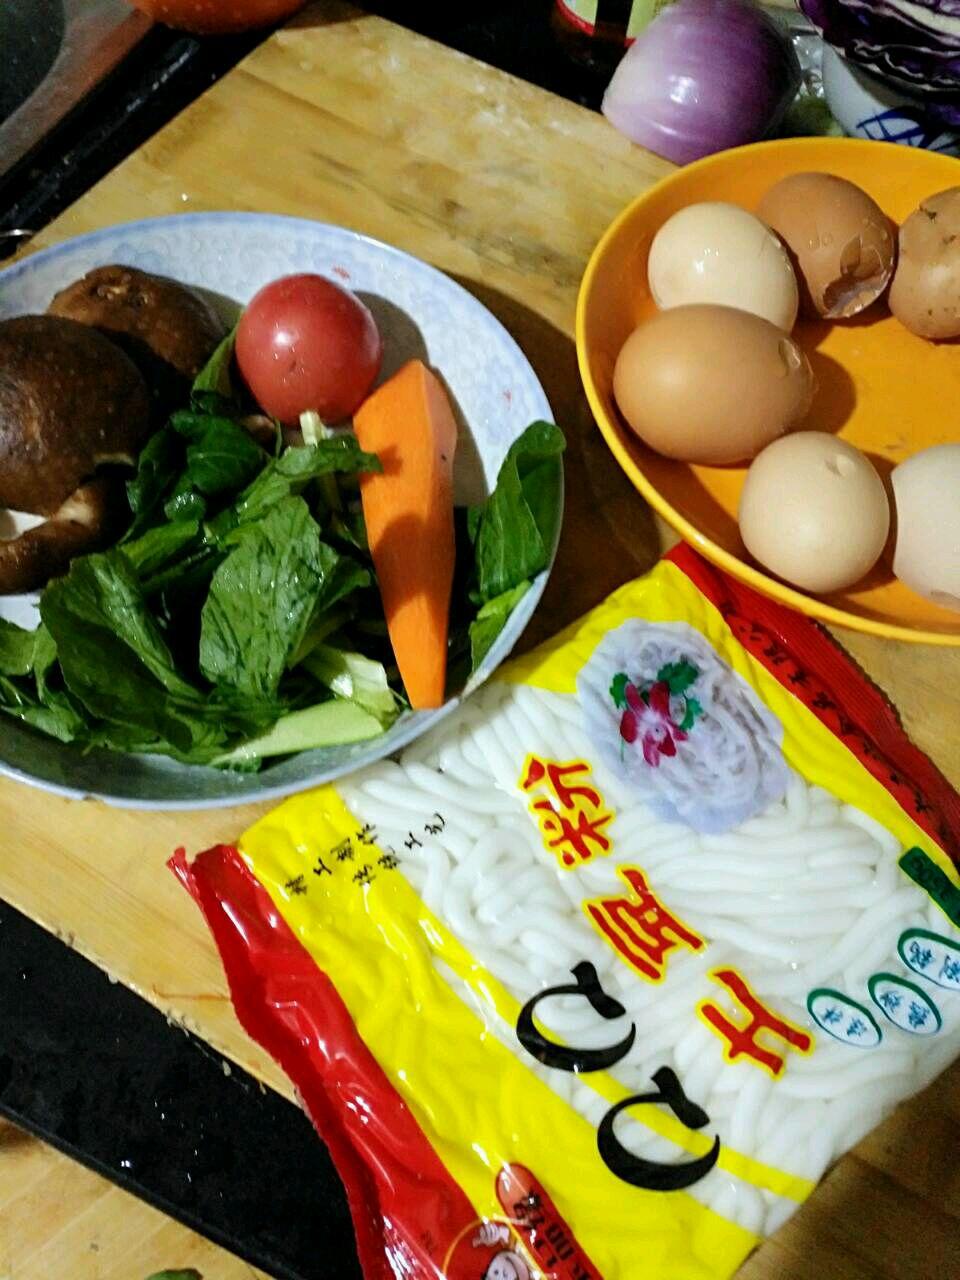 彩蔬虾仁蛋炒土豆粉